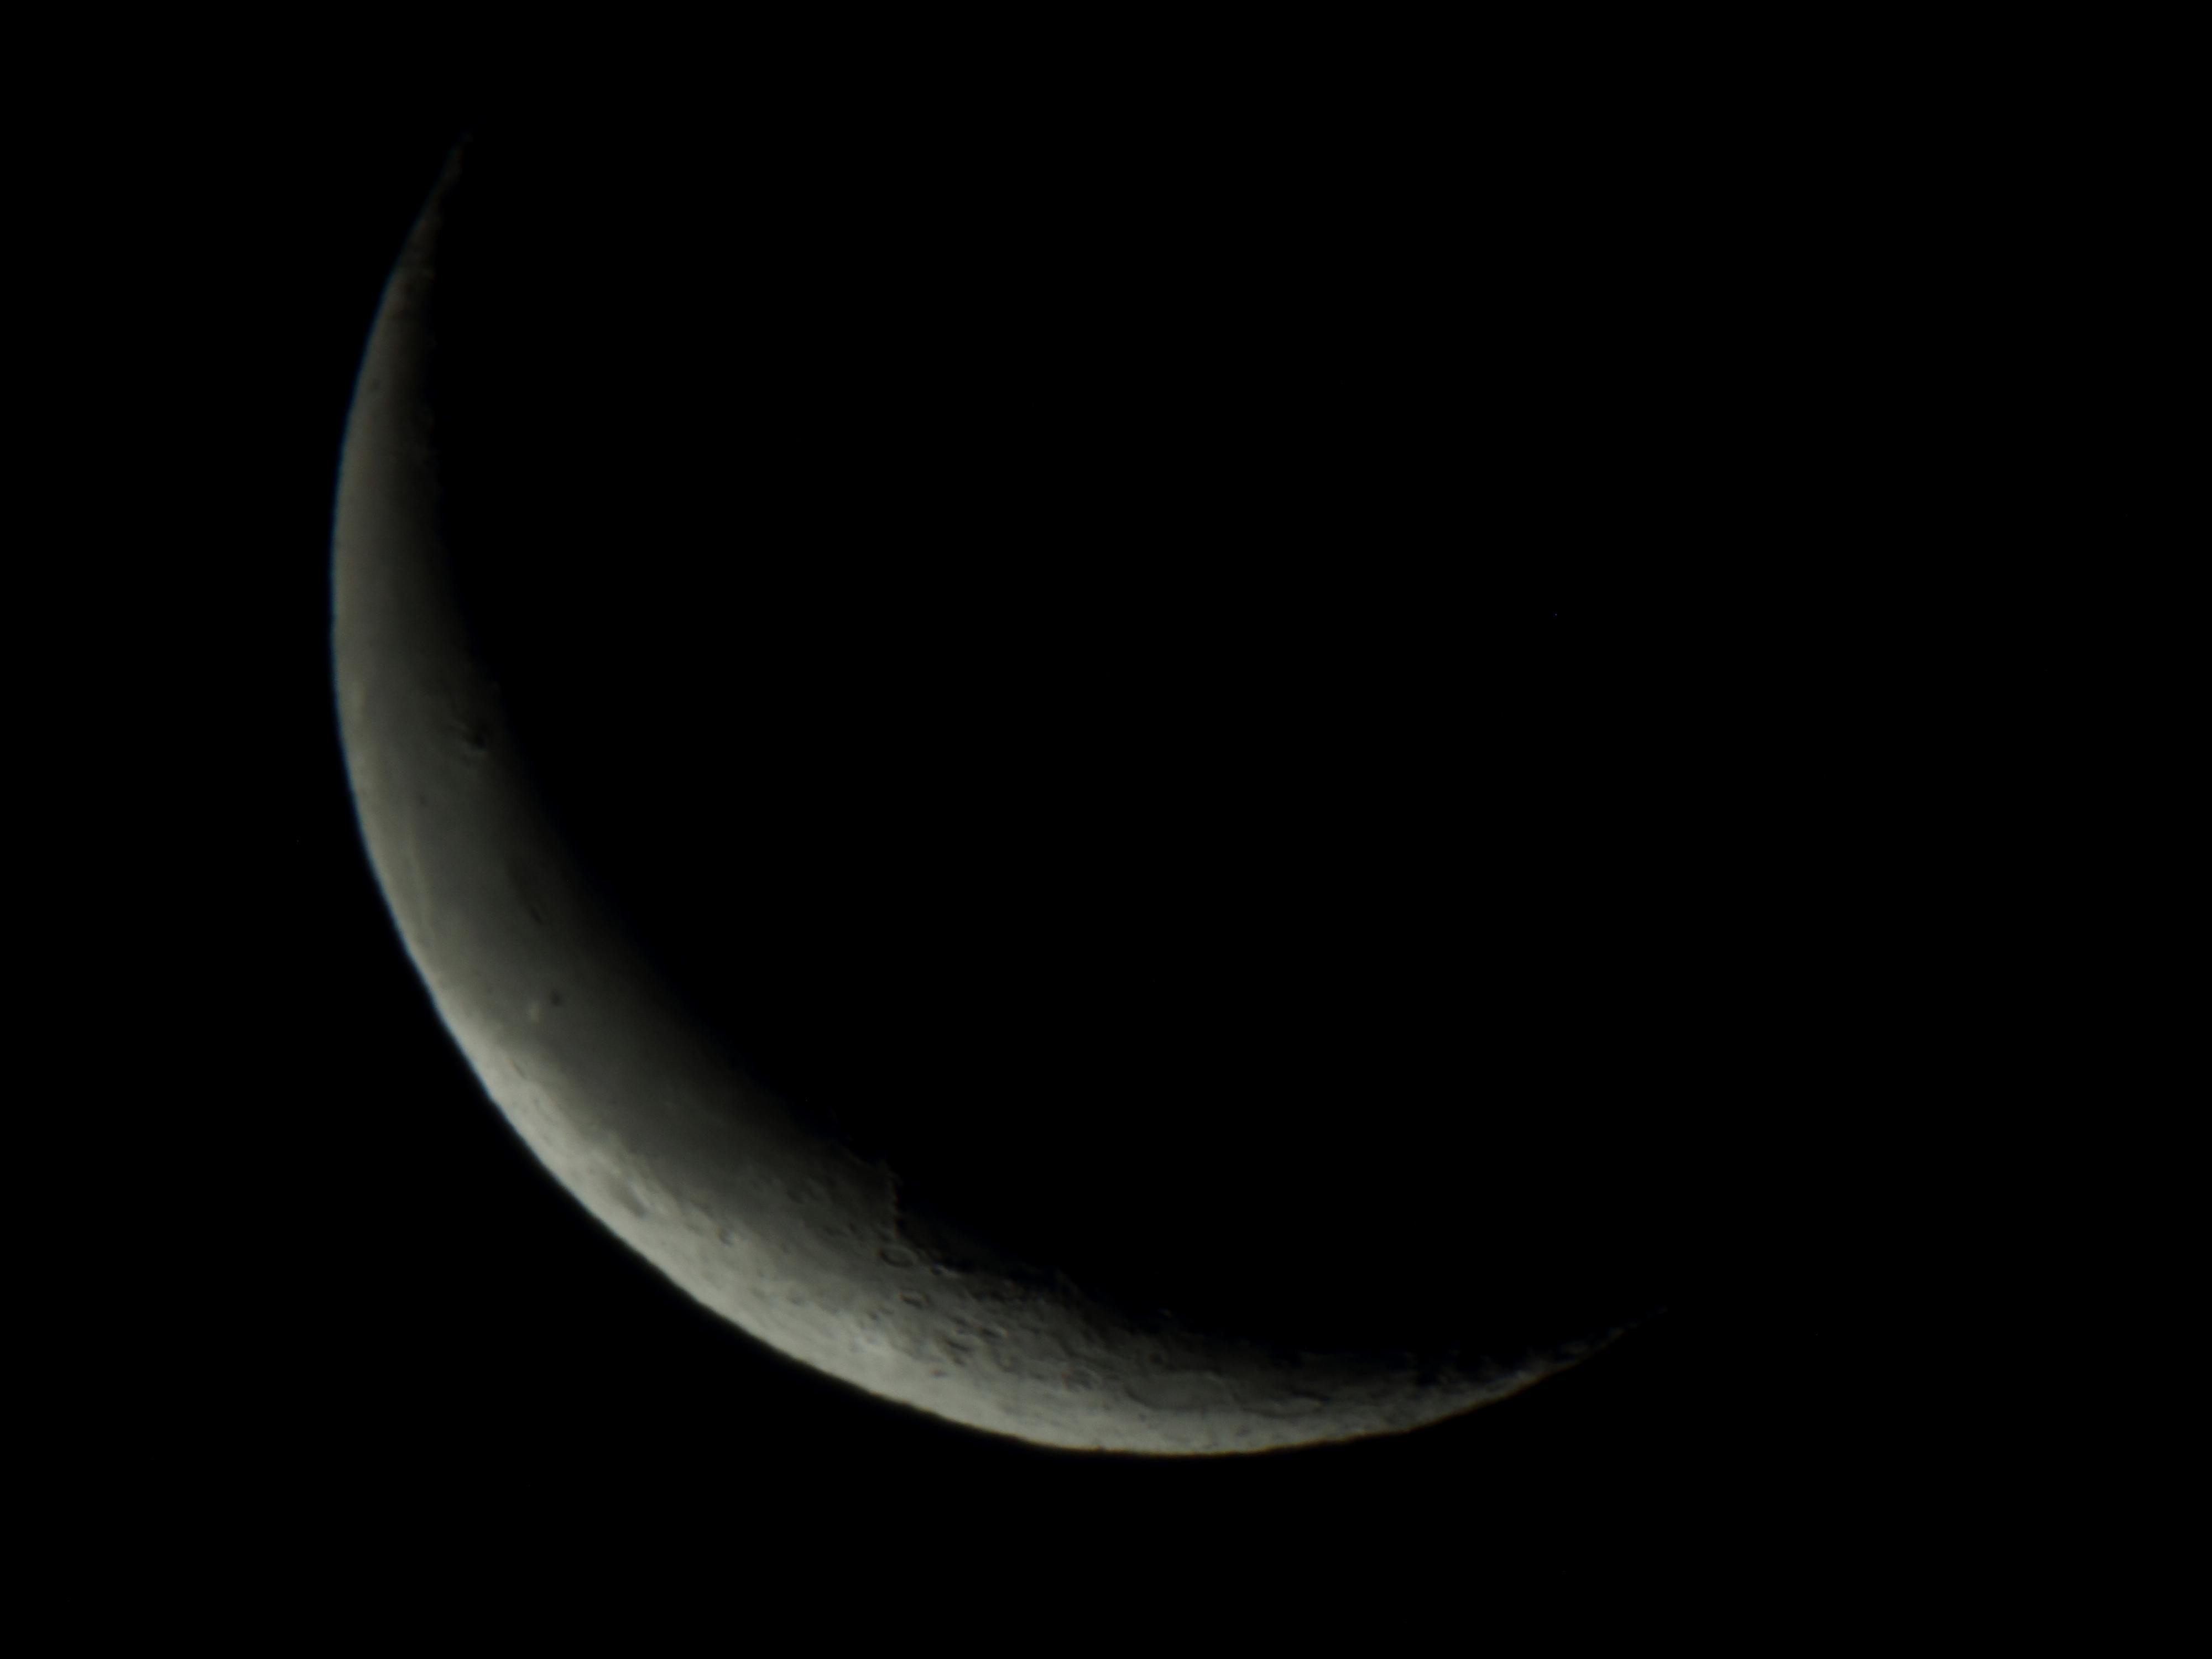 Lune de 26 jours, le 21 janvier 2020, 7h30